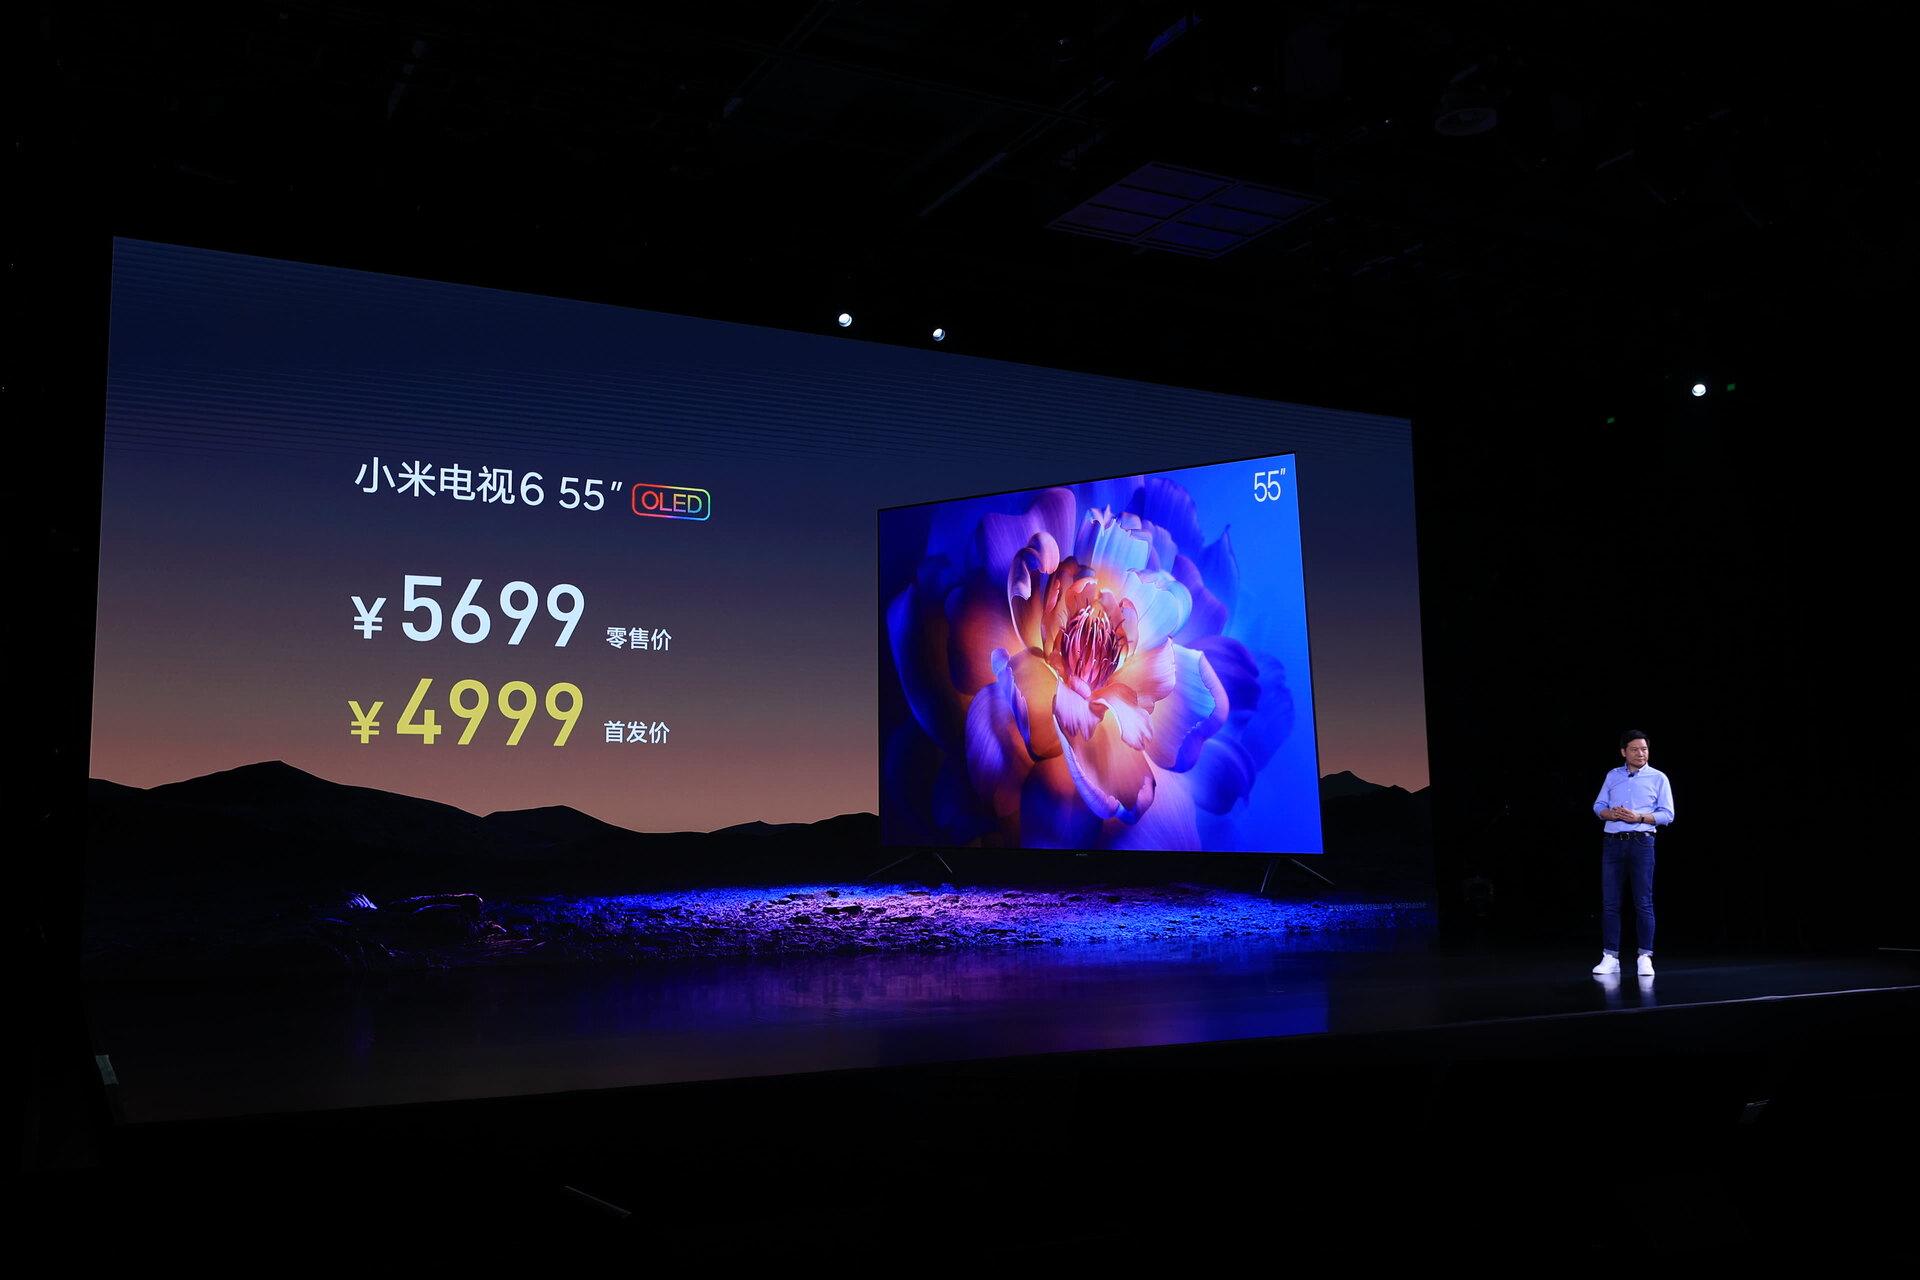 """首搭UWB芯片隔空秒连 小米电视大师77""""OLED首销16999元 智能公会"""